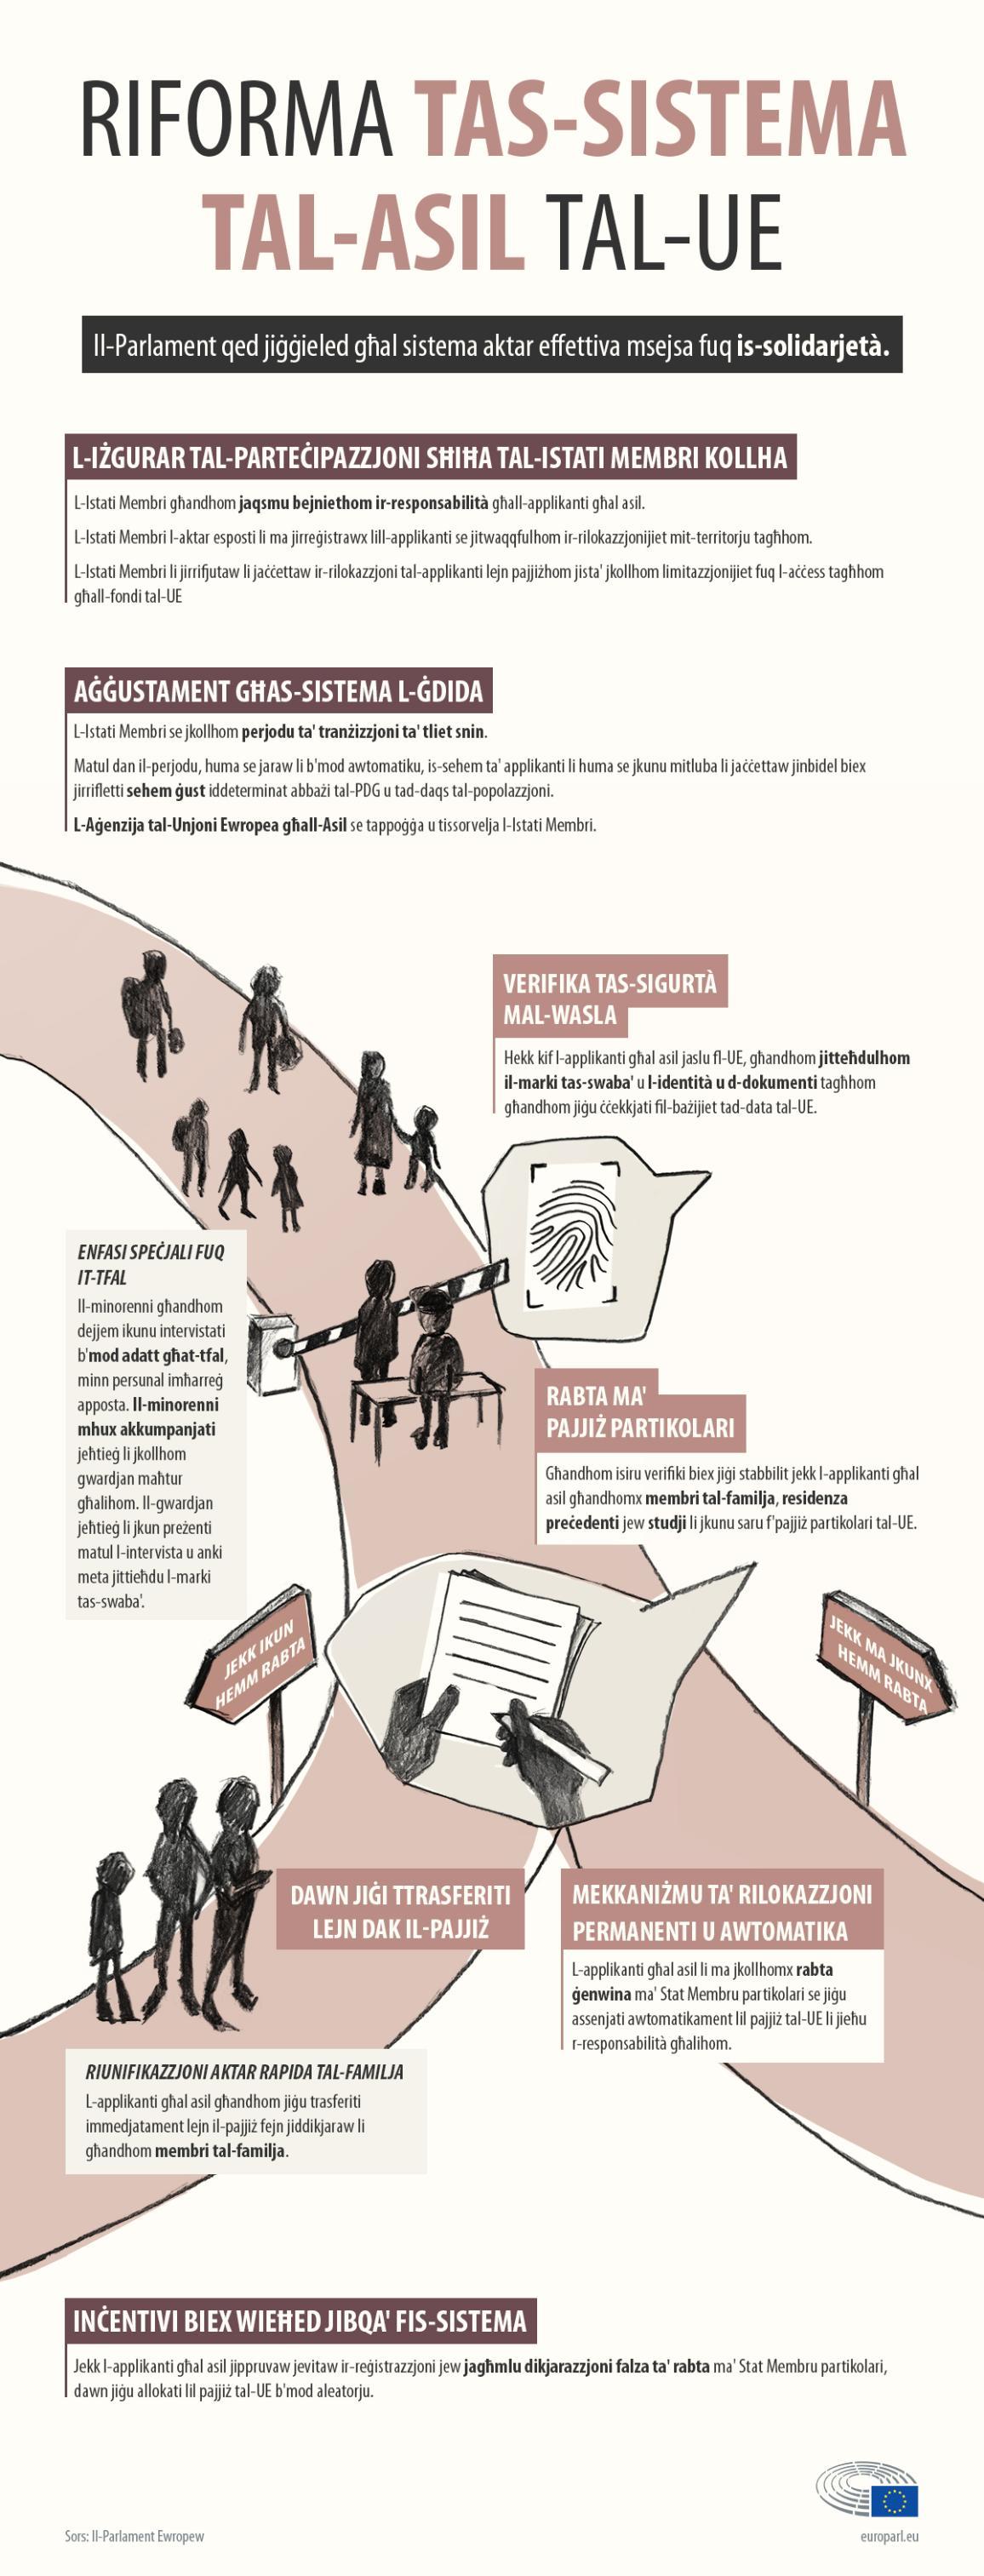 Asylum reform